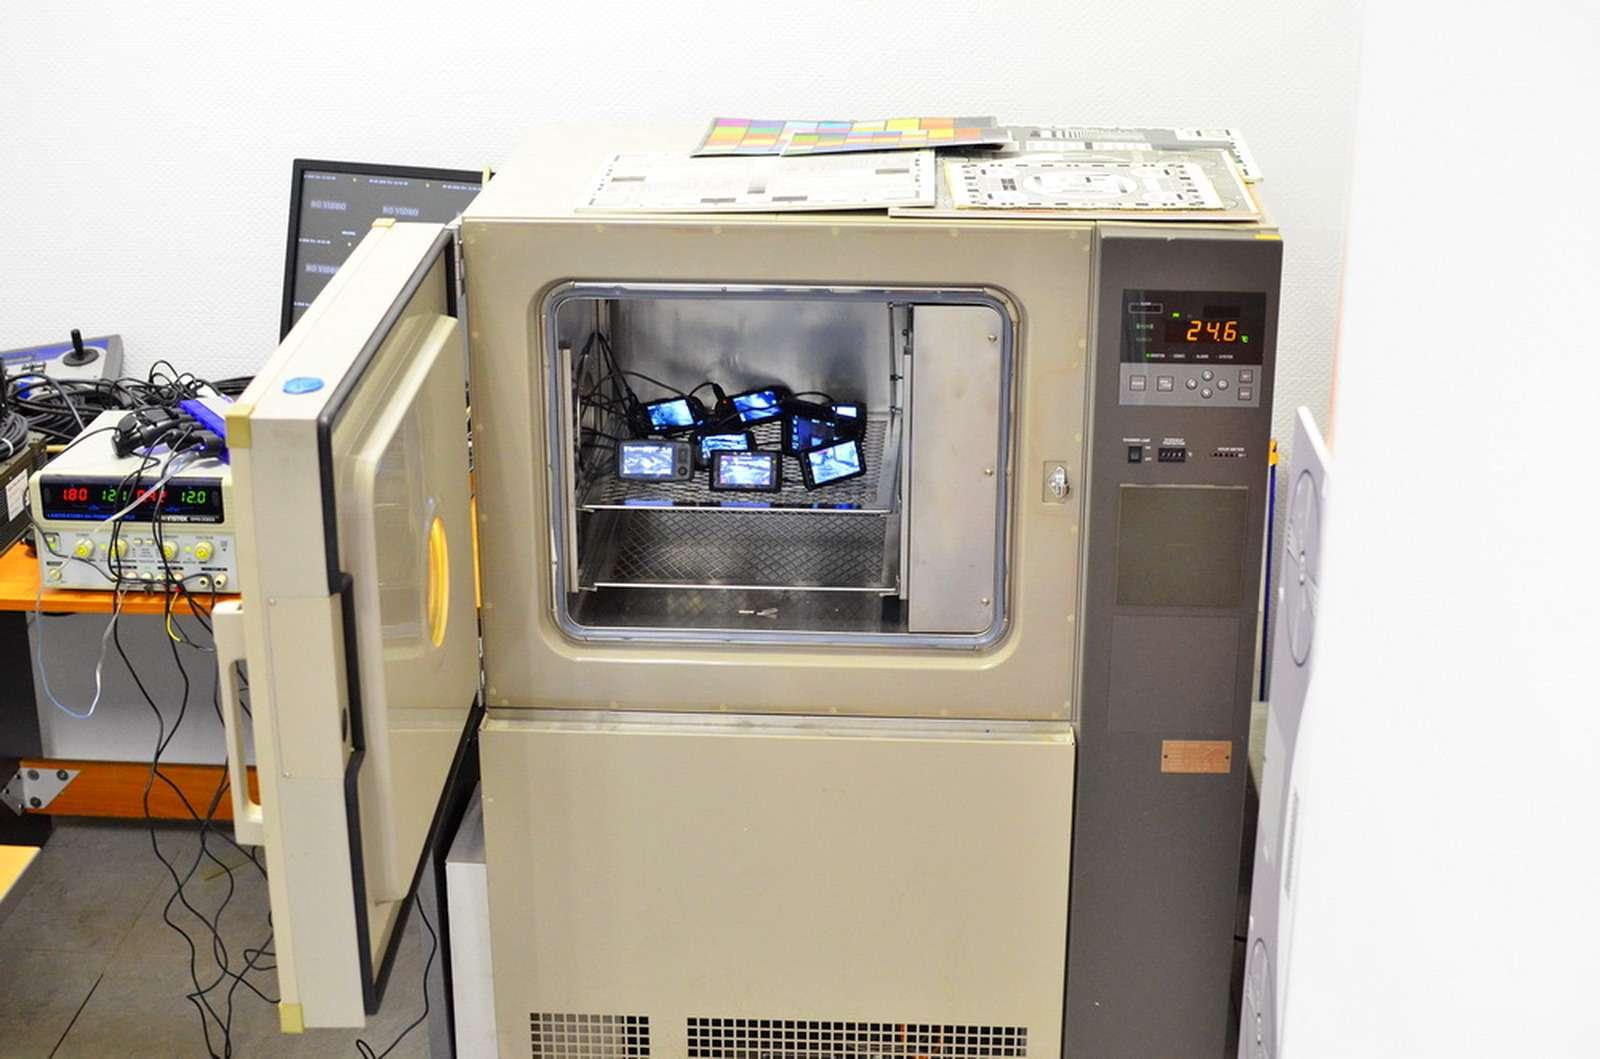 Видеорегистраторы вмороз: как умирают аккумуляторы? Спецтест— фото 854262